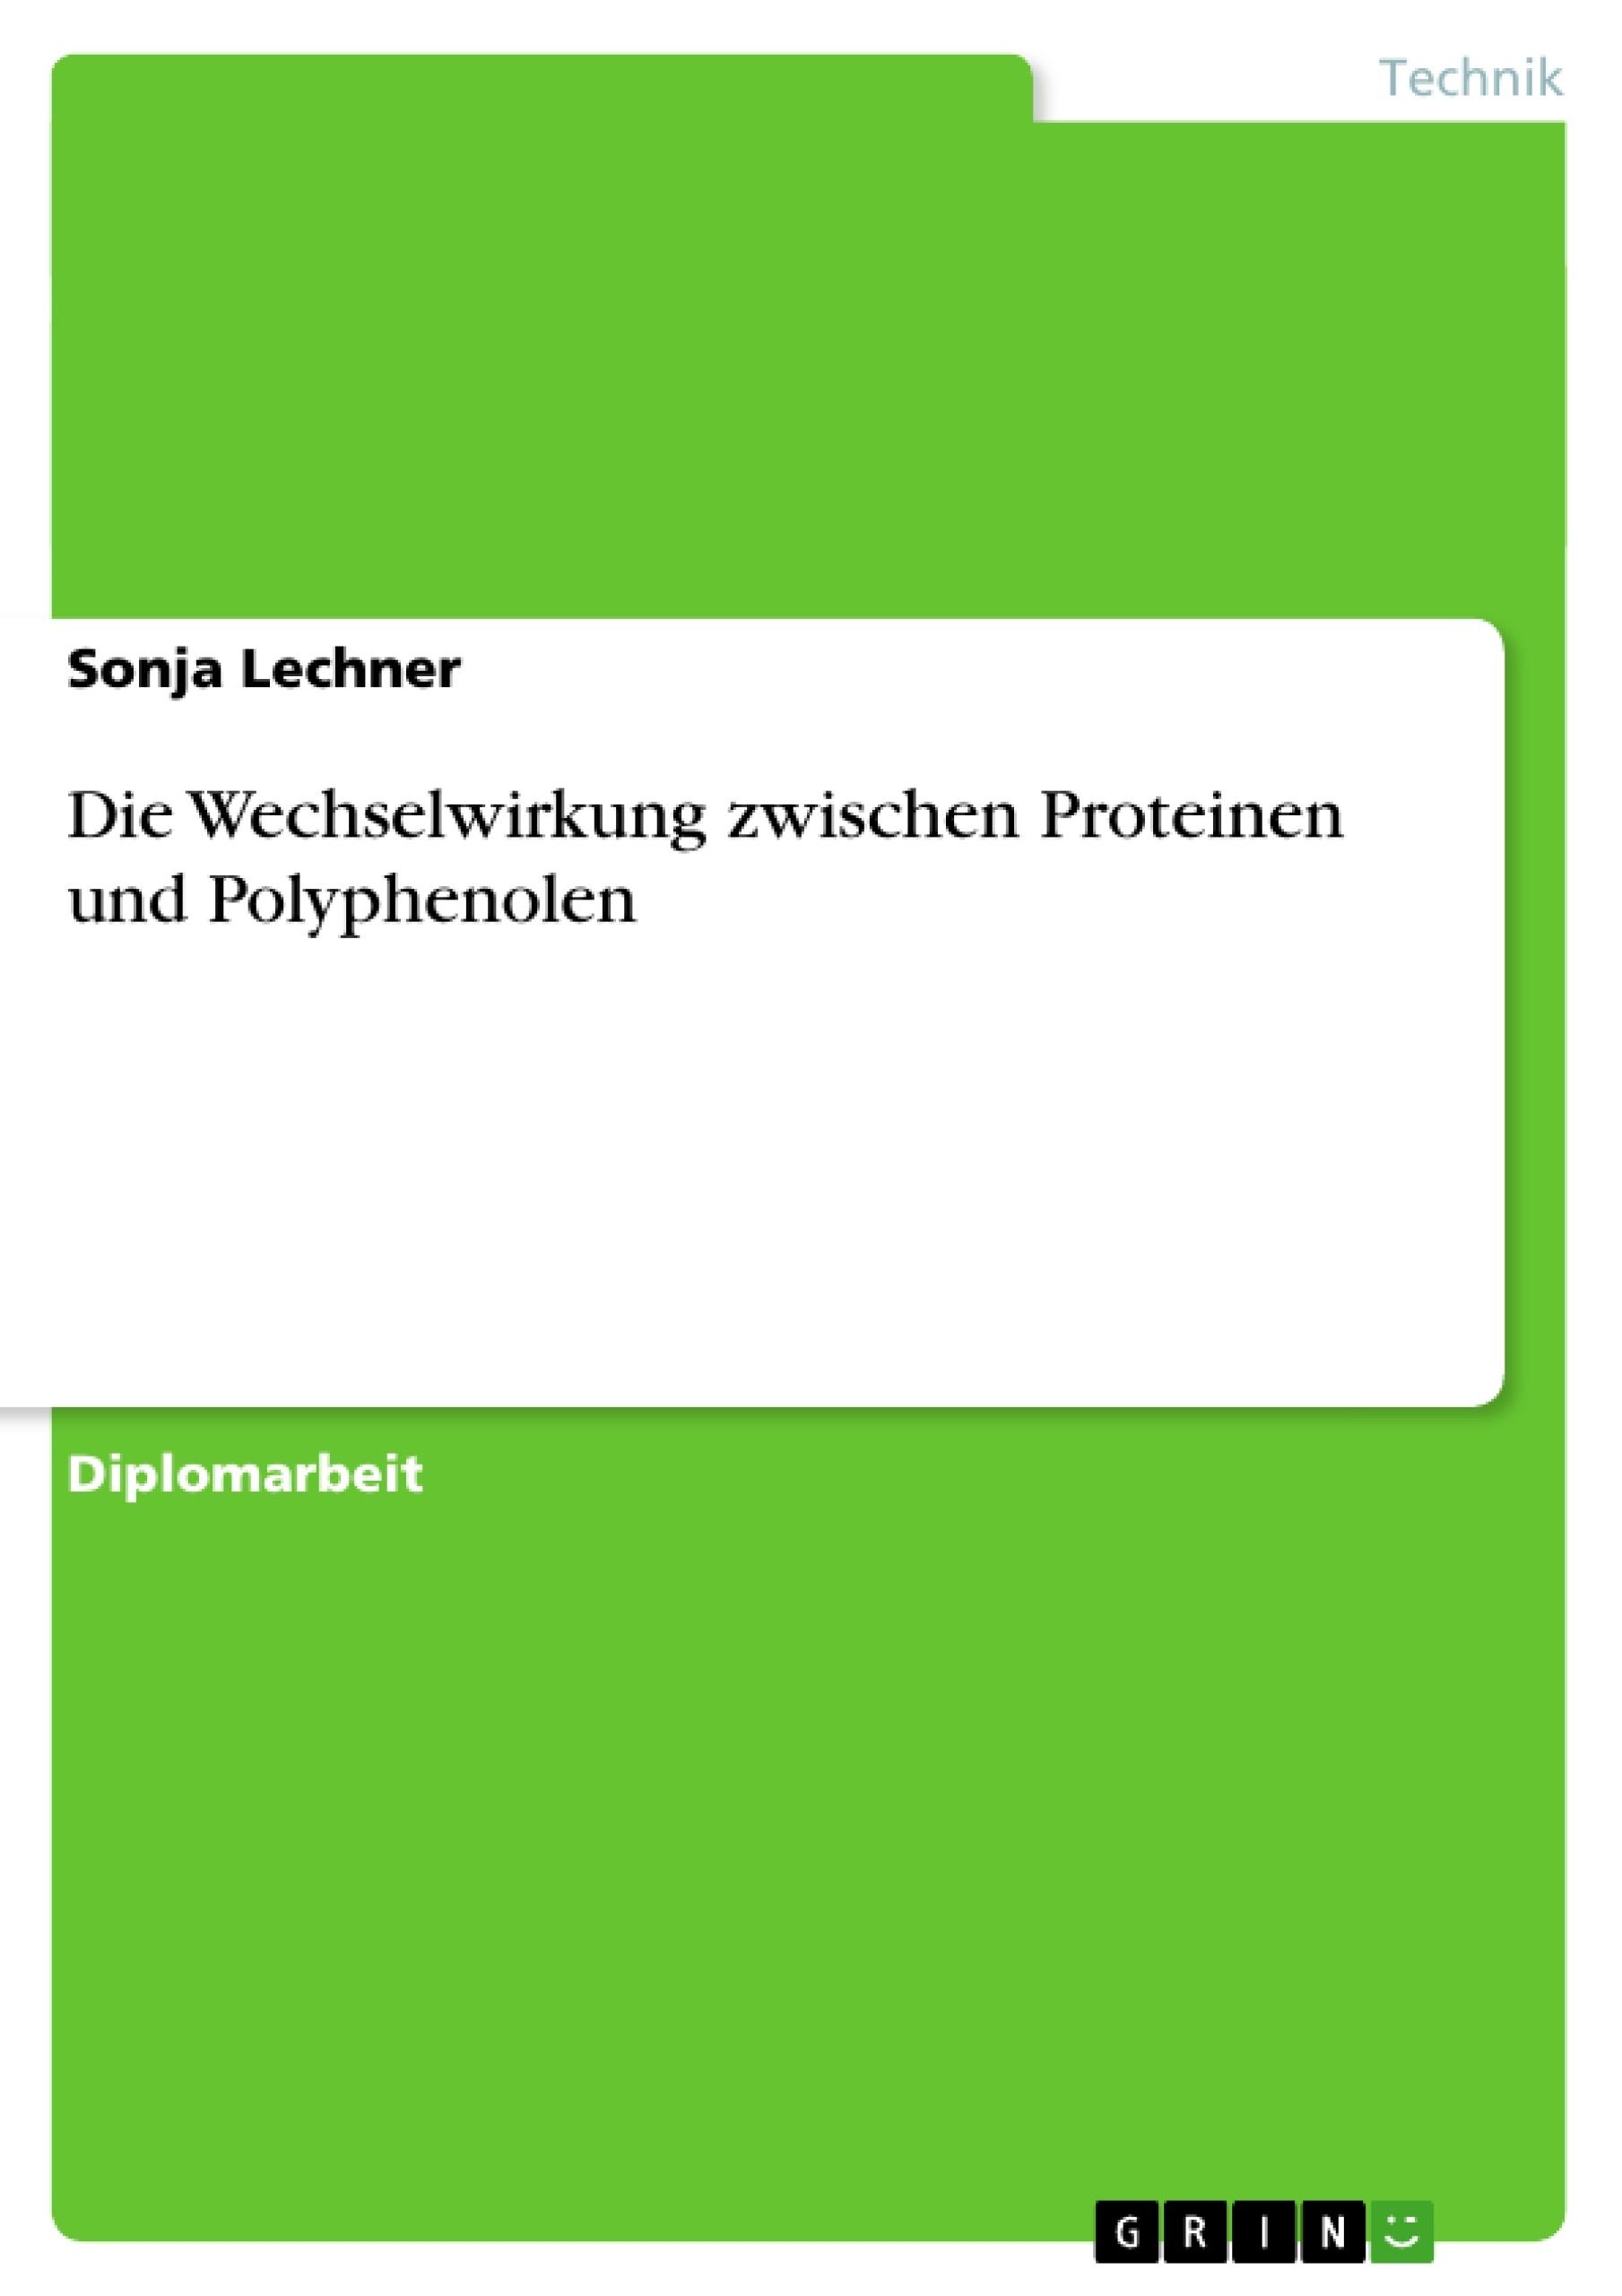 Titel: Die Wechselwirkung zwischen Proteinen und Polyphenolen